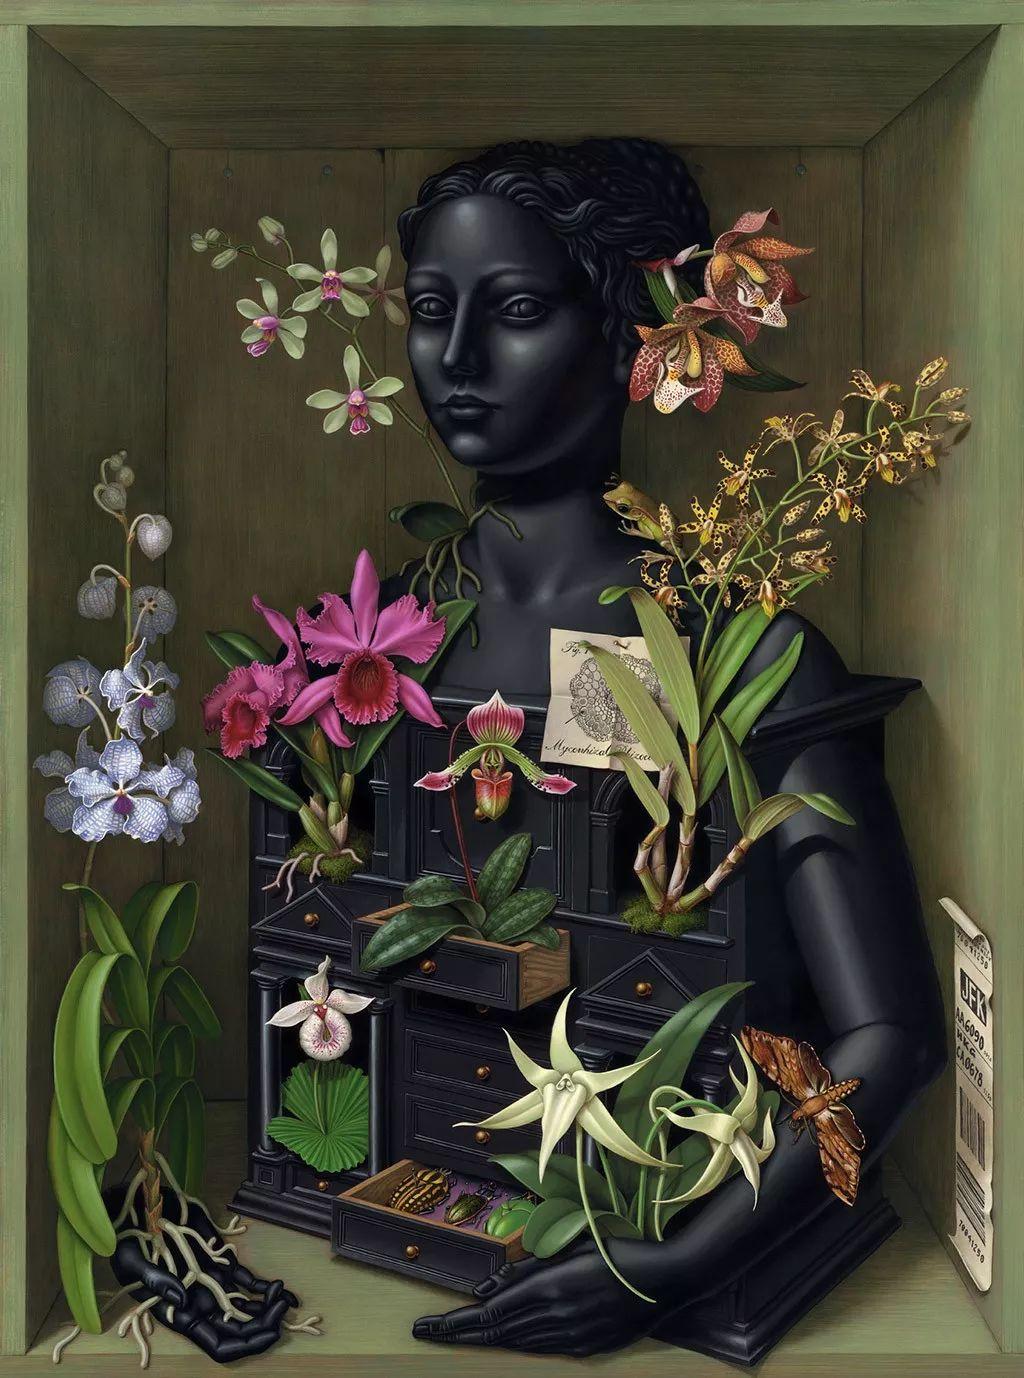 超现实主义,美国画家玛德琳·冯·福斯特插图33